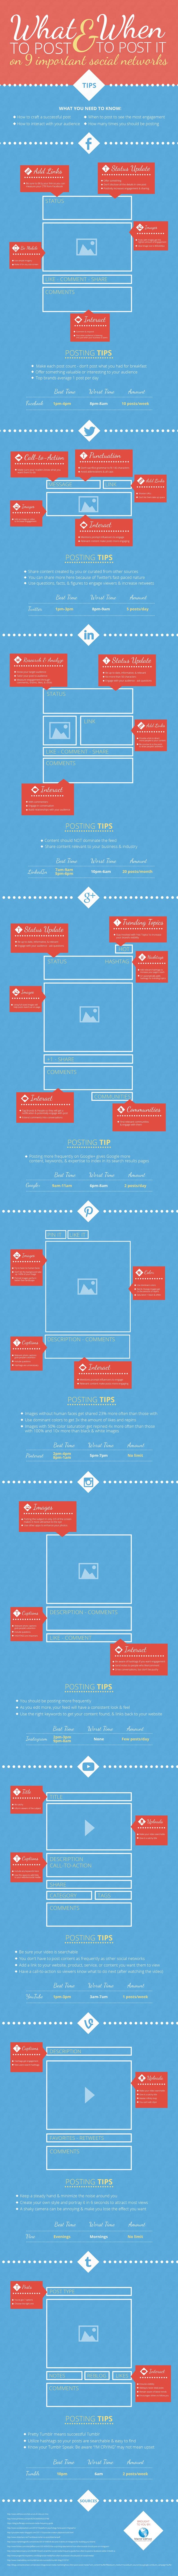 Infografía Qué y cuándo publicar en las principales redes sociales